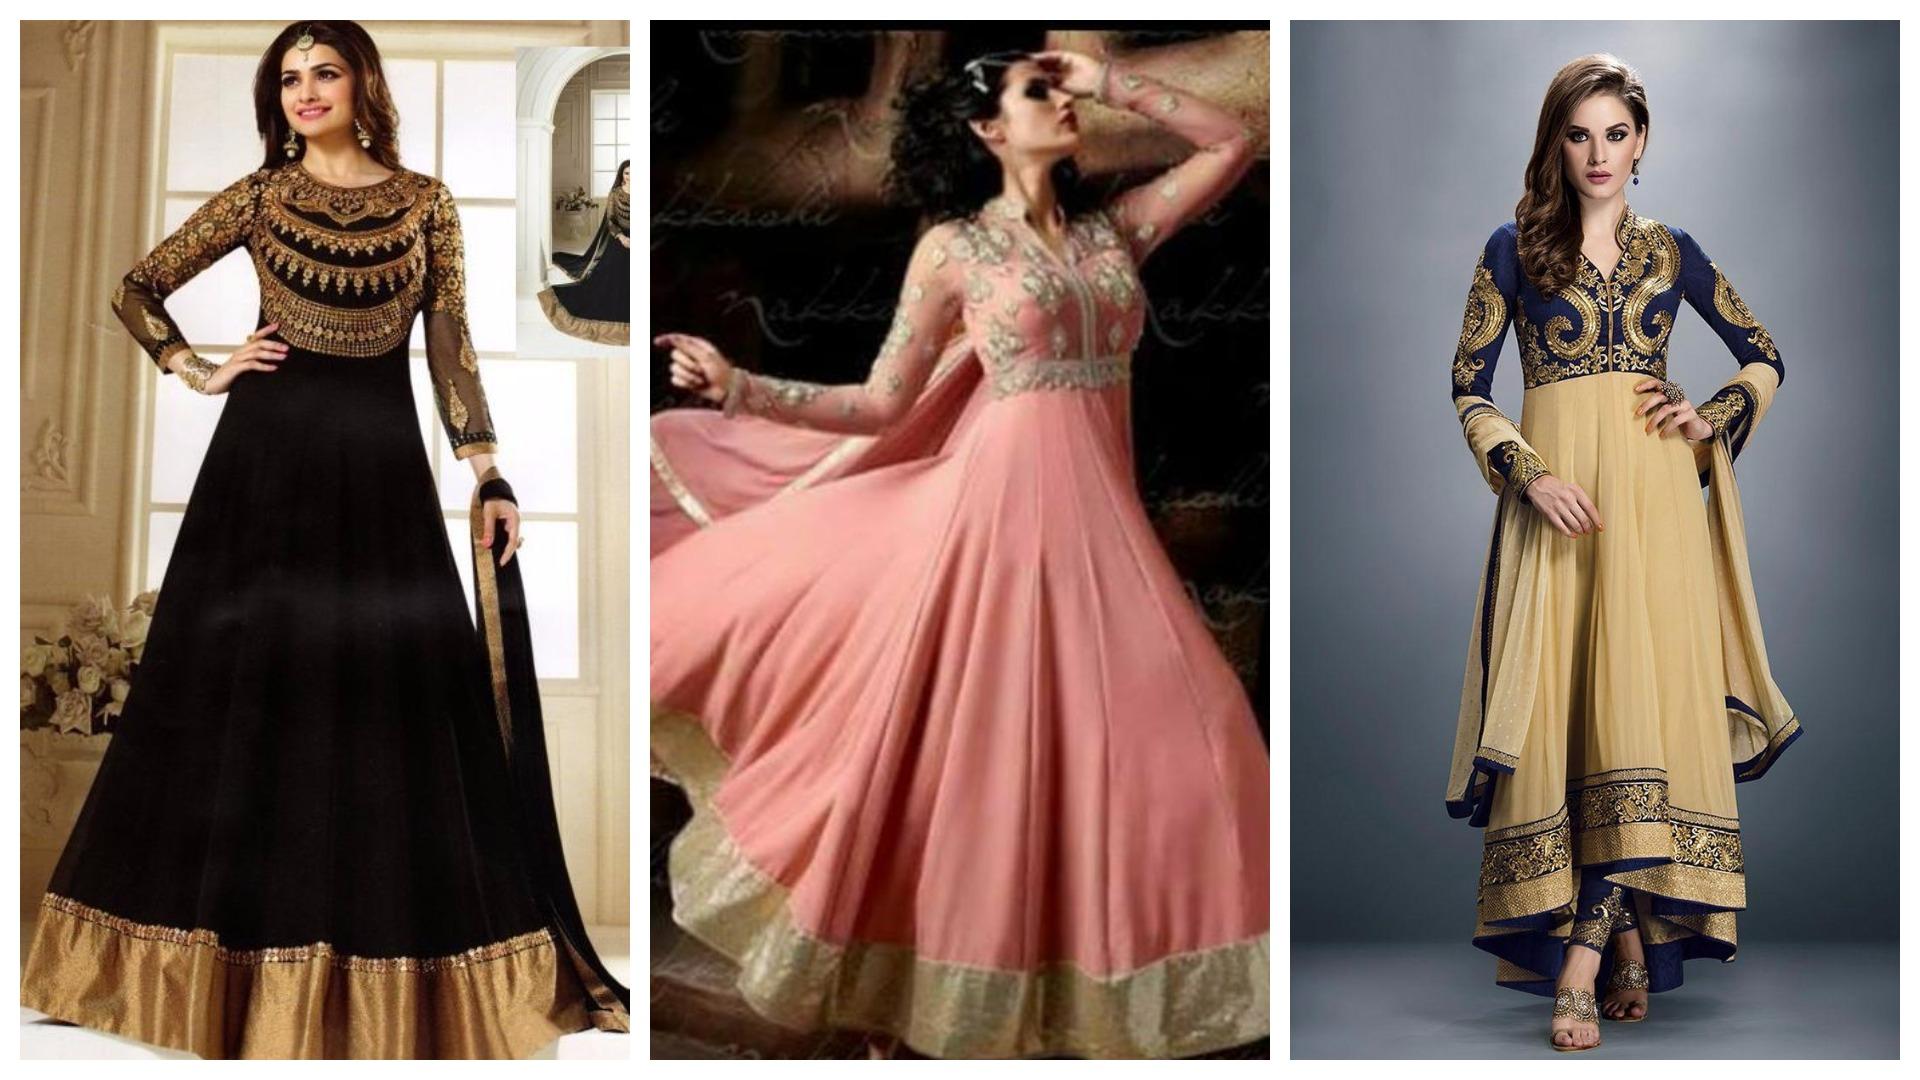 بالصور اجمل ملابس هندية , صور لاجمل ساري هندي 699